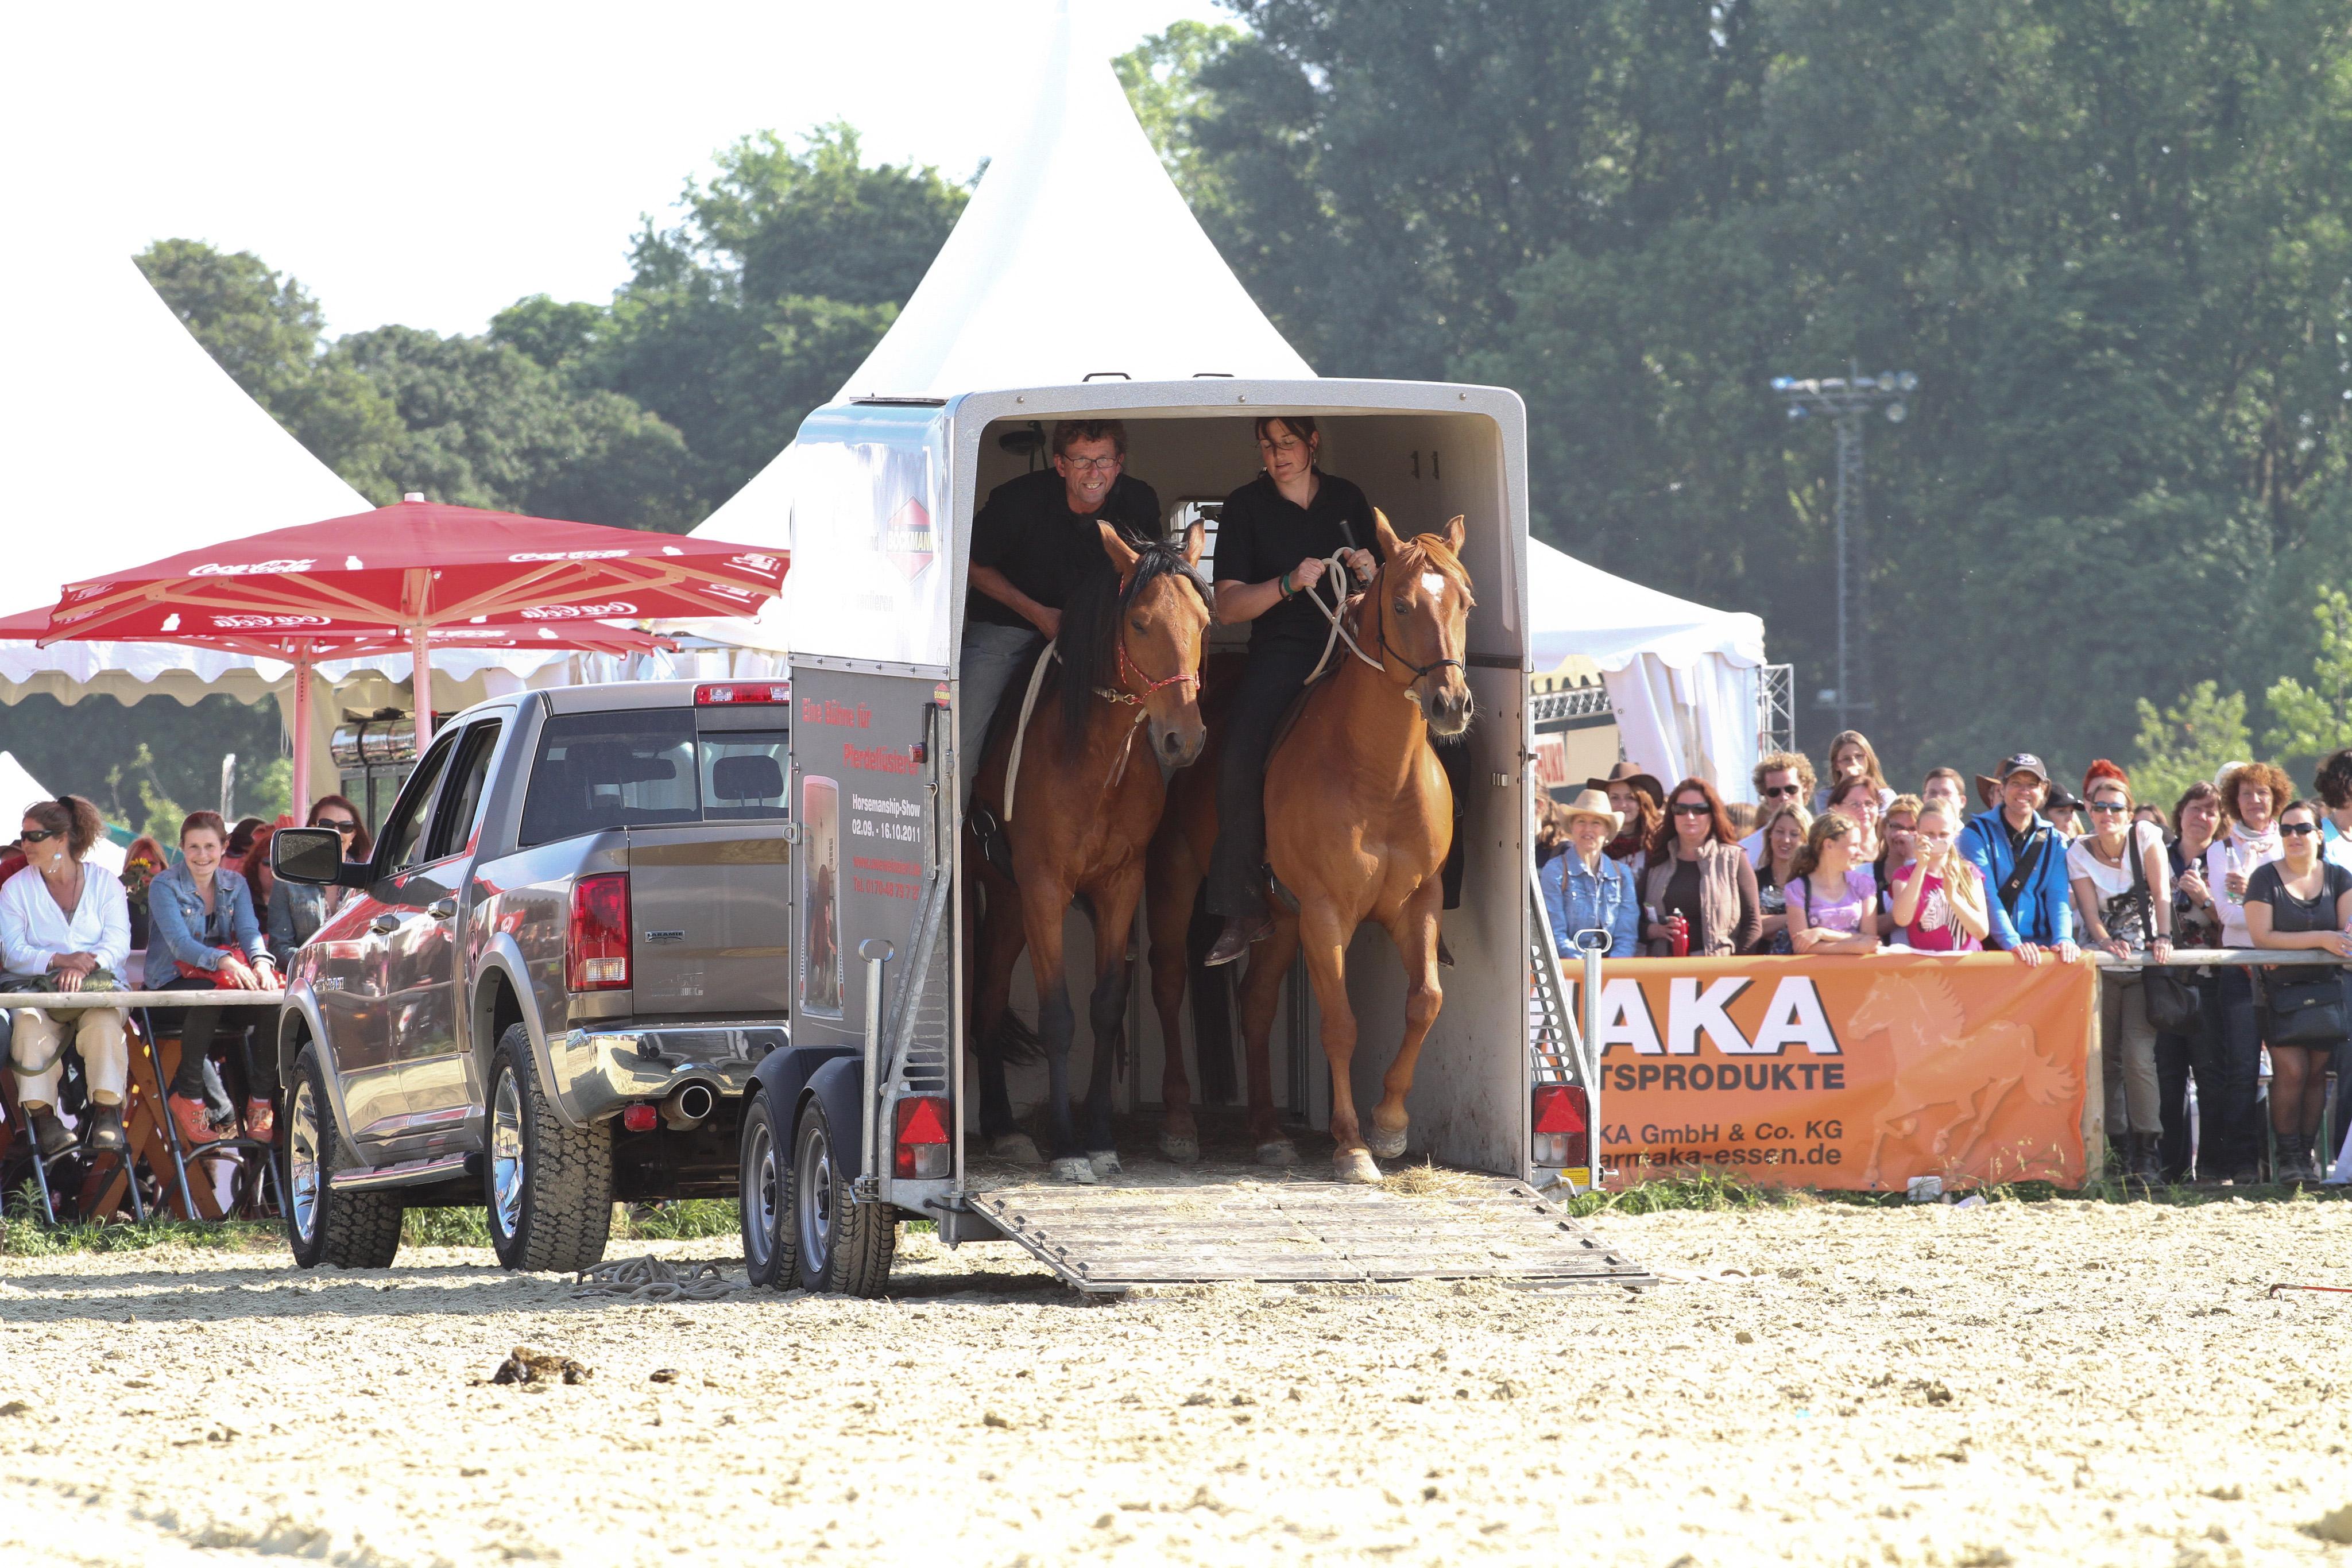 Uwe Weinzierl und Natascha Spegt, rückwärts in den Hänger gelingt nur, wenn das Pferd seinem Reiter absolut vertraut, Open Air Equitana, Neuss, BU Paschel 2012. © Weinzierl, Foto: Tanja van Uden